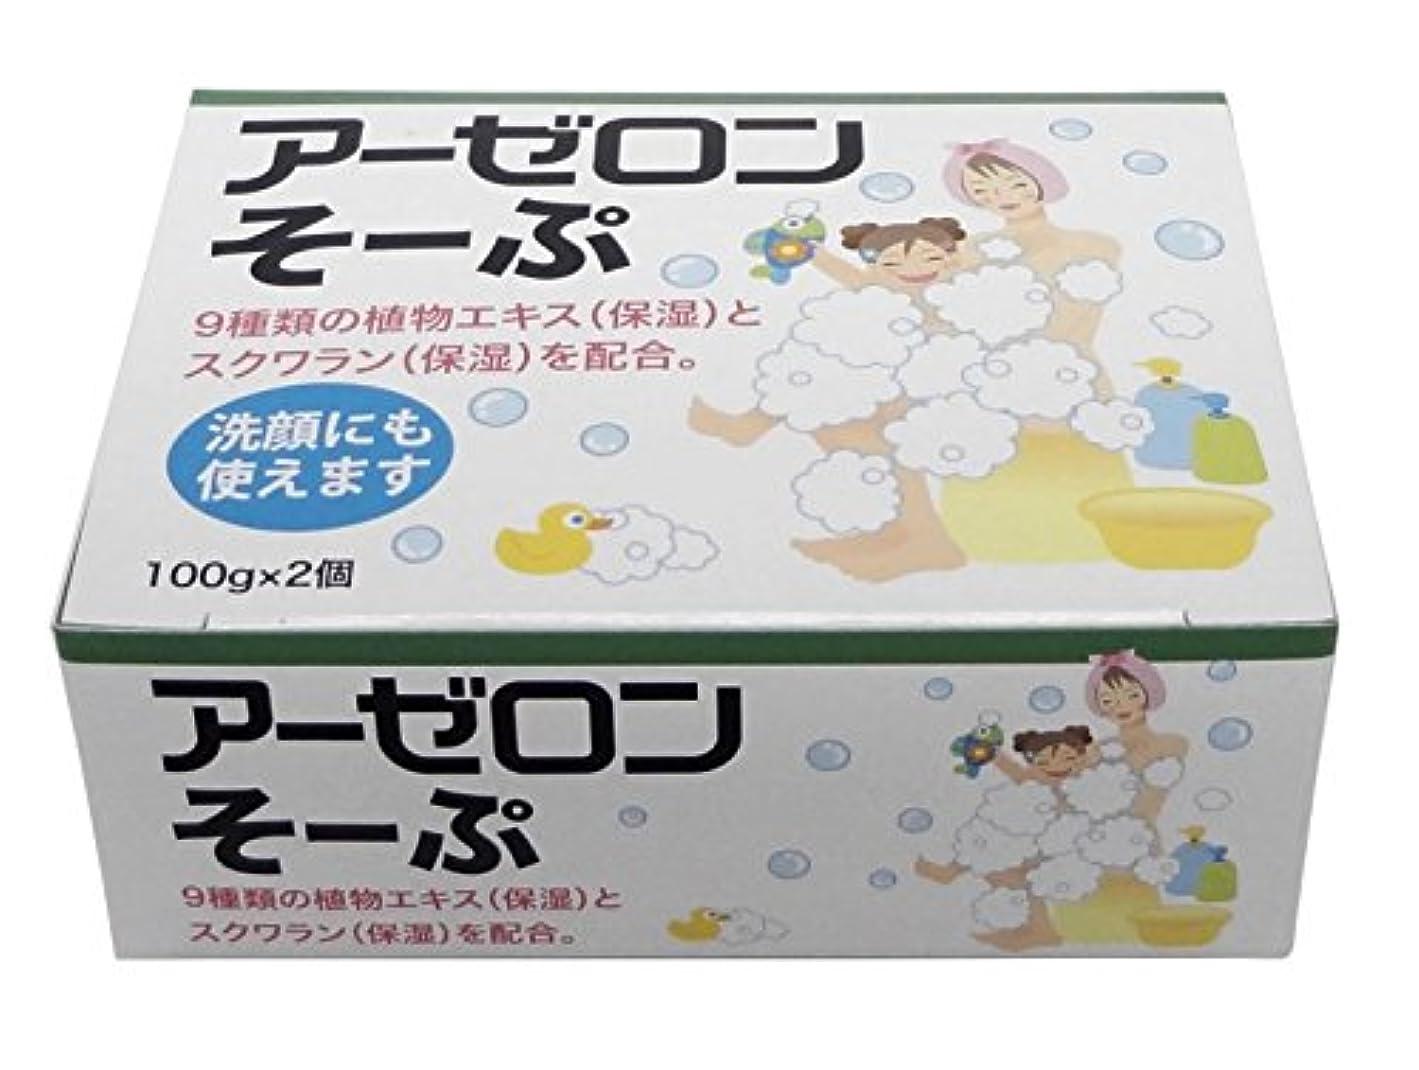 サイドボード凶暴な干ばつアーゼロンそーぷ (100g×2個入り)